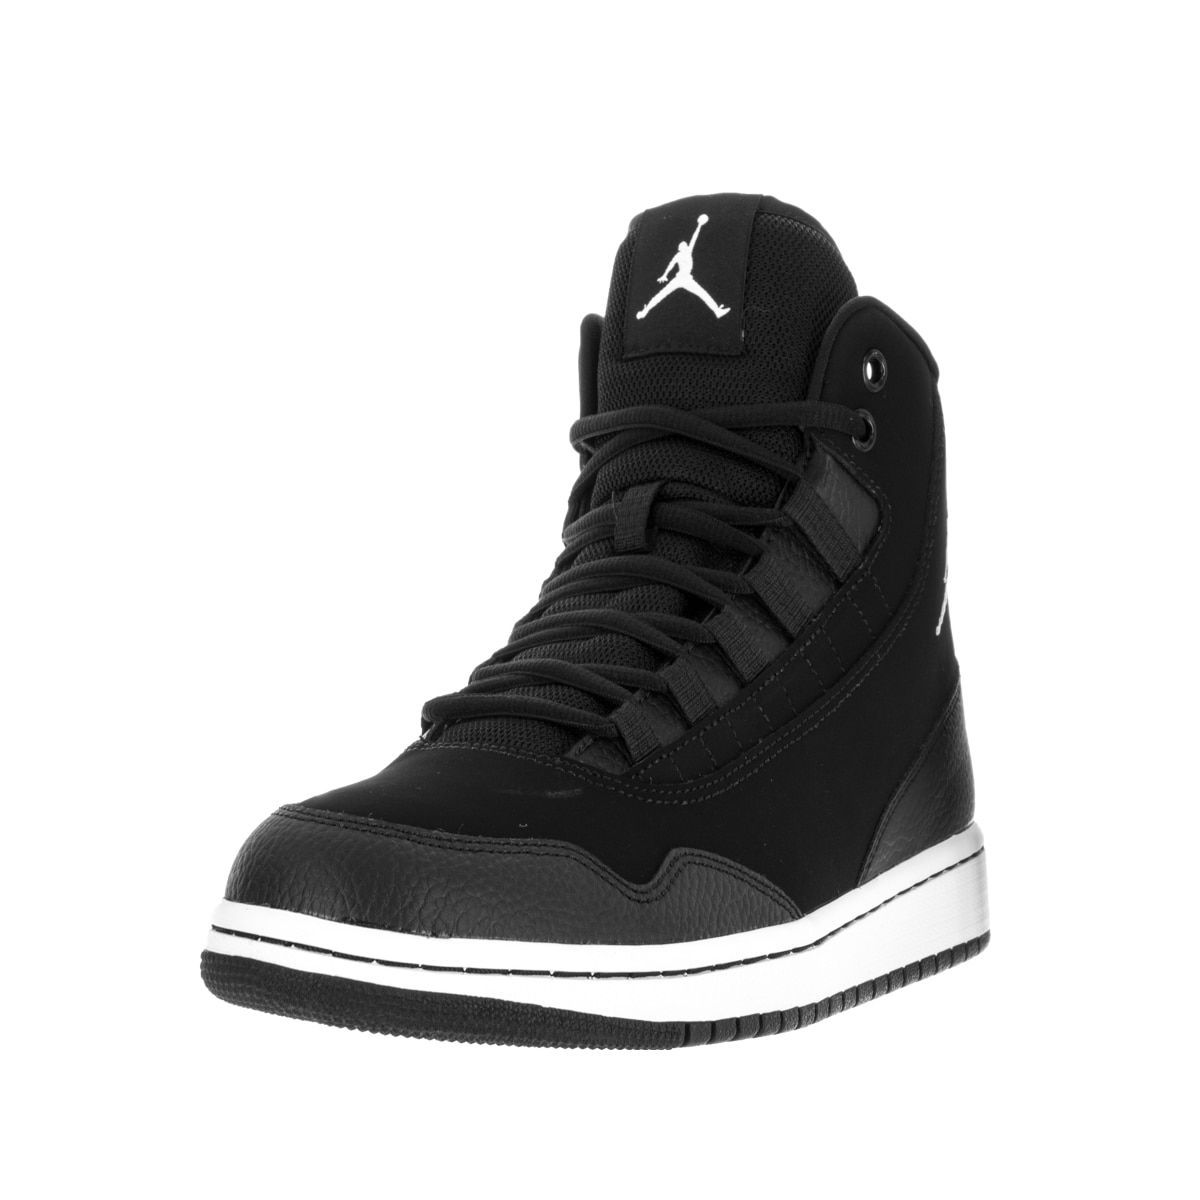 Our Best Men's Shoes Deals | Jordans for men, Casual shoes, Best ...